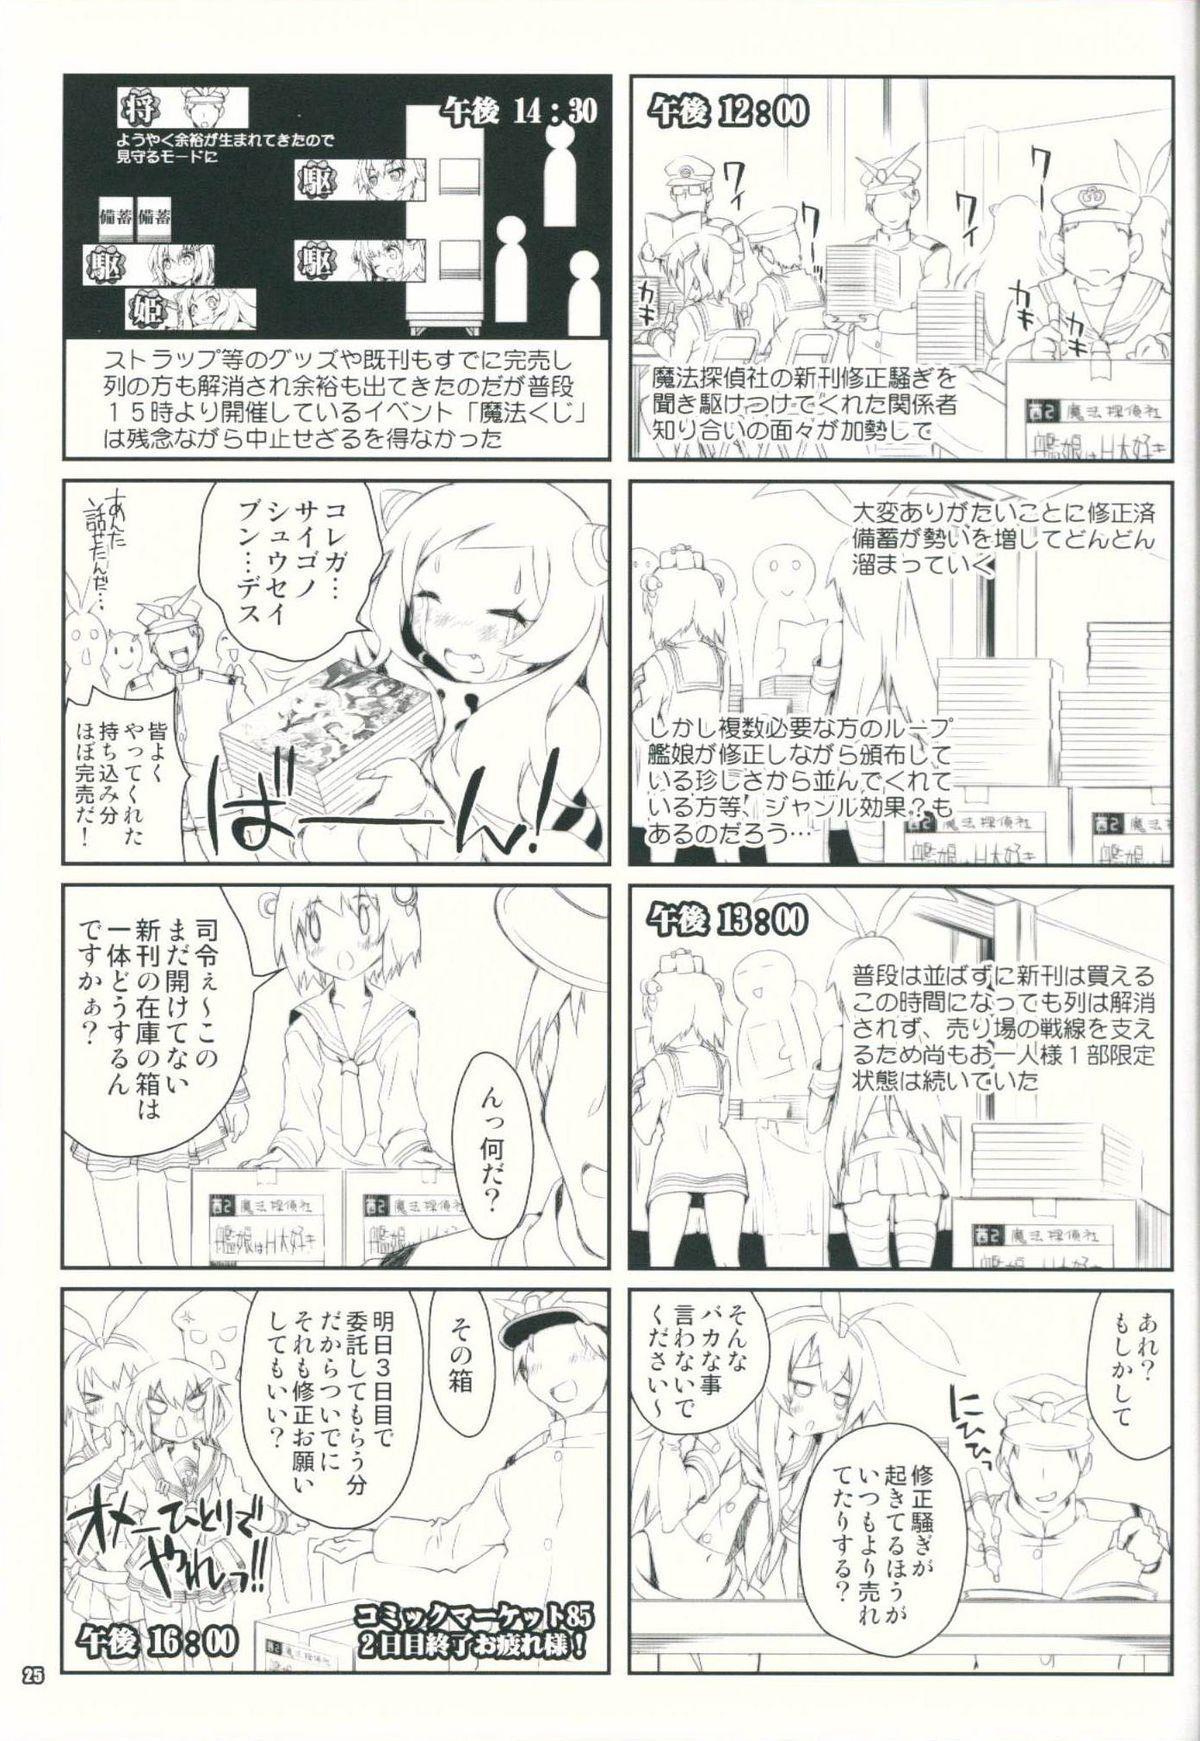 Kanmusu wa H Daisuki 3 Doko Fuku Shimakaze Amatsukaze 23